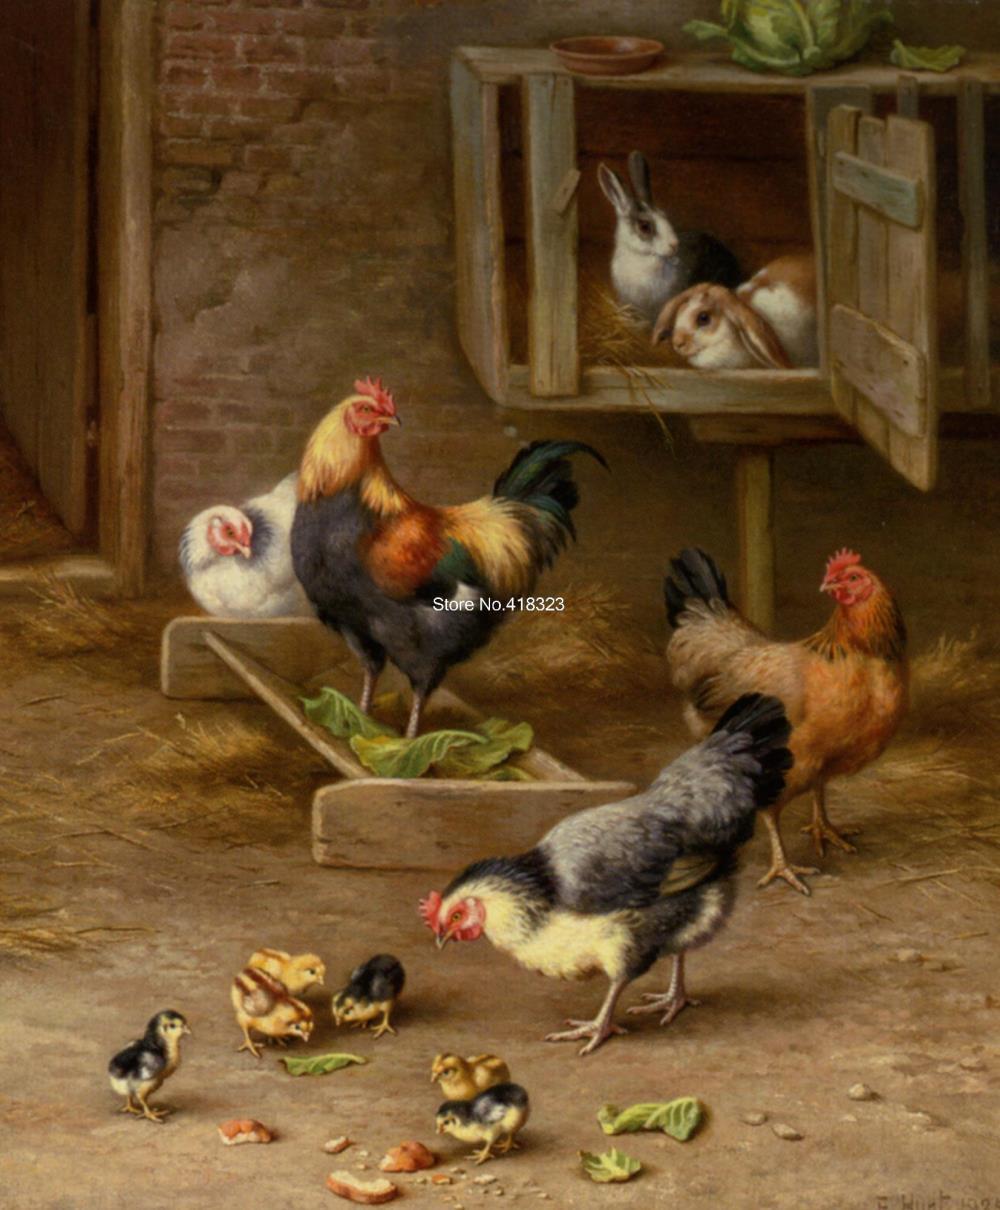 Yüksek Kaliteli Toptan Satış tavuk boyama Çindeki tavuk